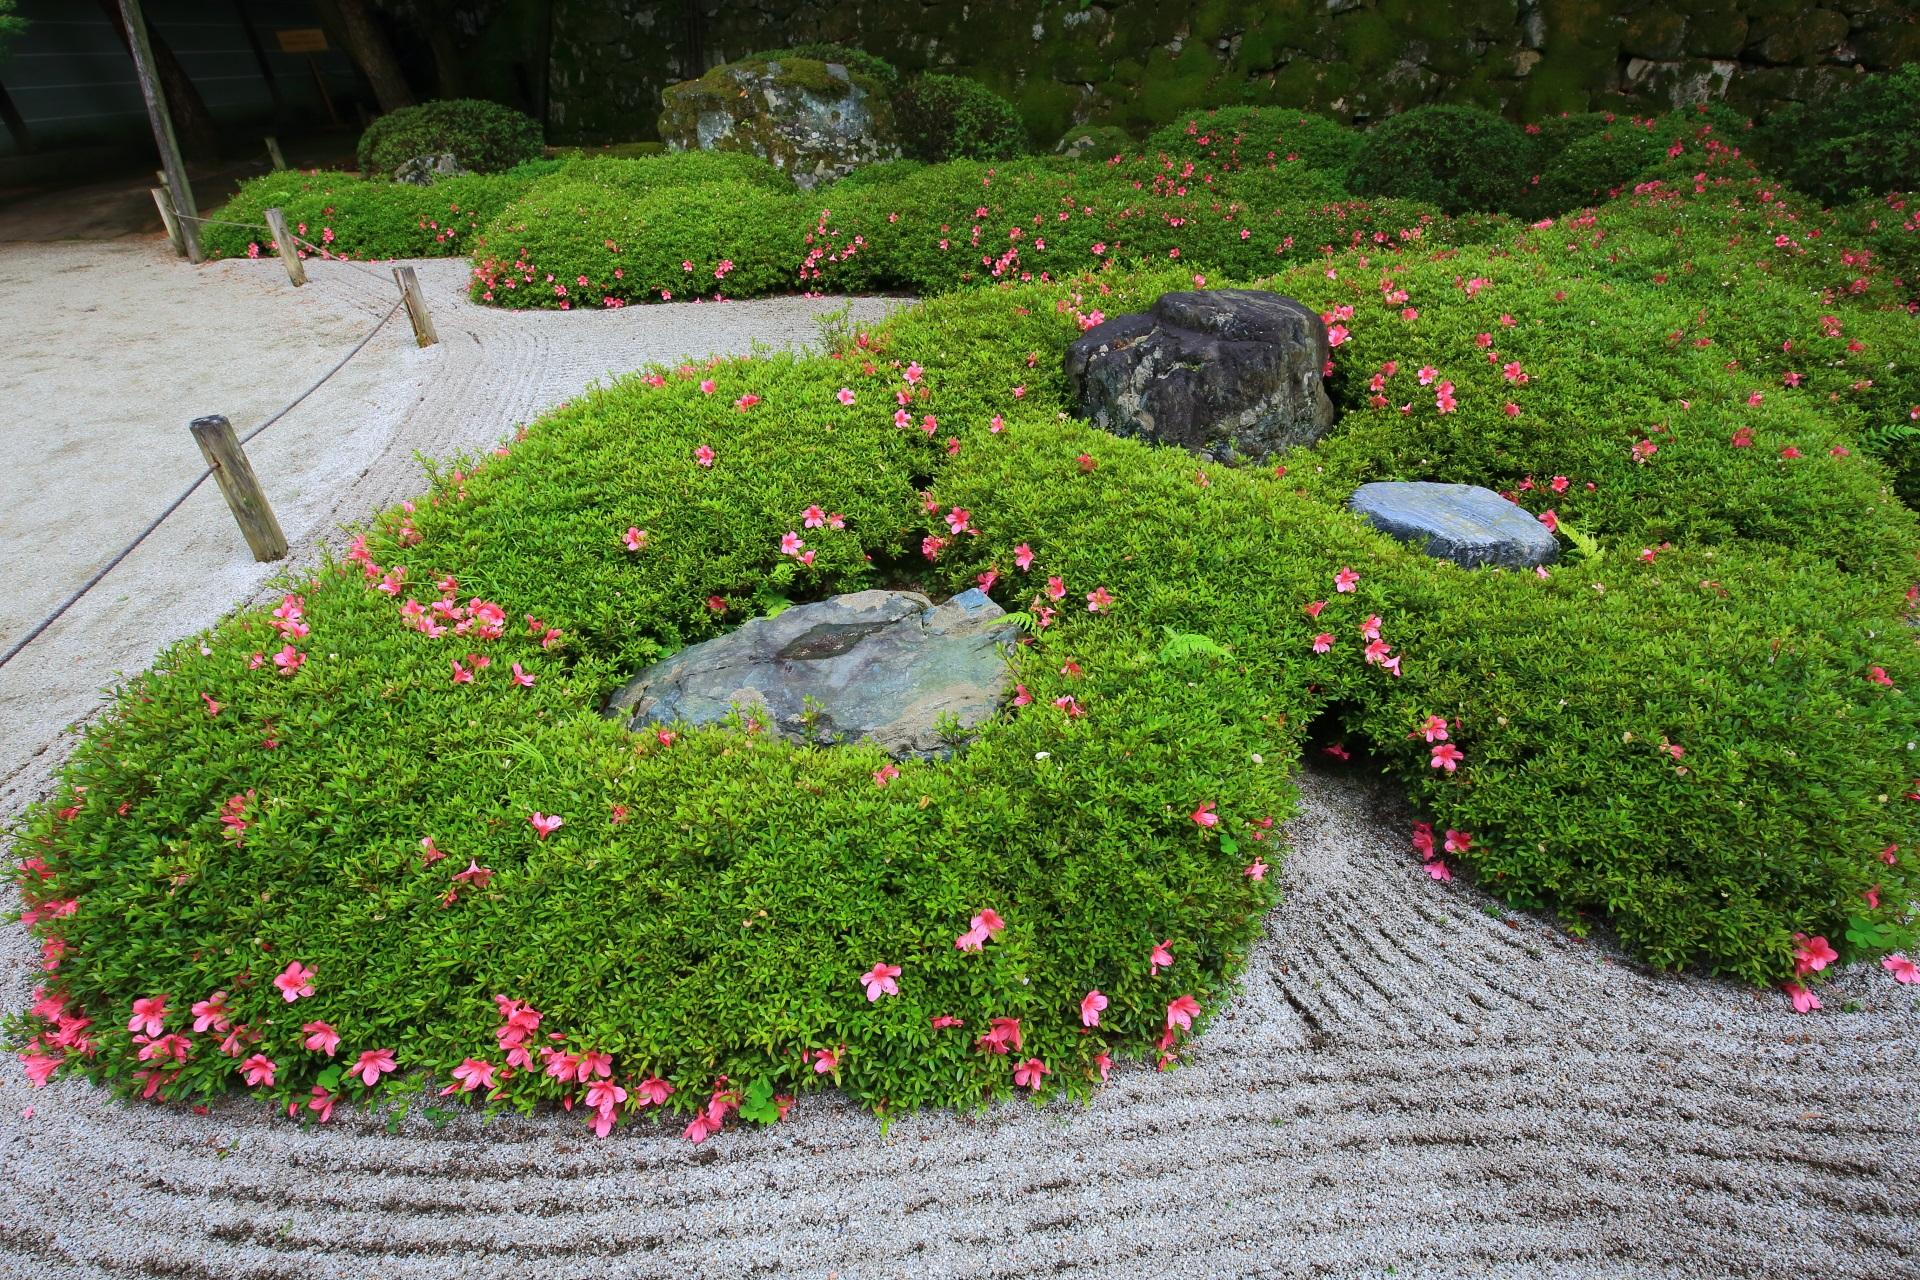 形も色も様々な配された岩と綺麗に手入れされた砂の模様